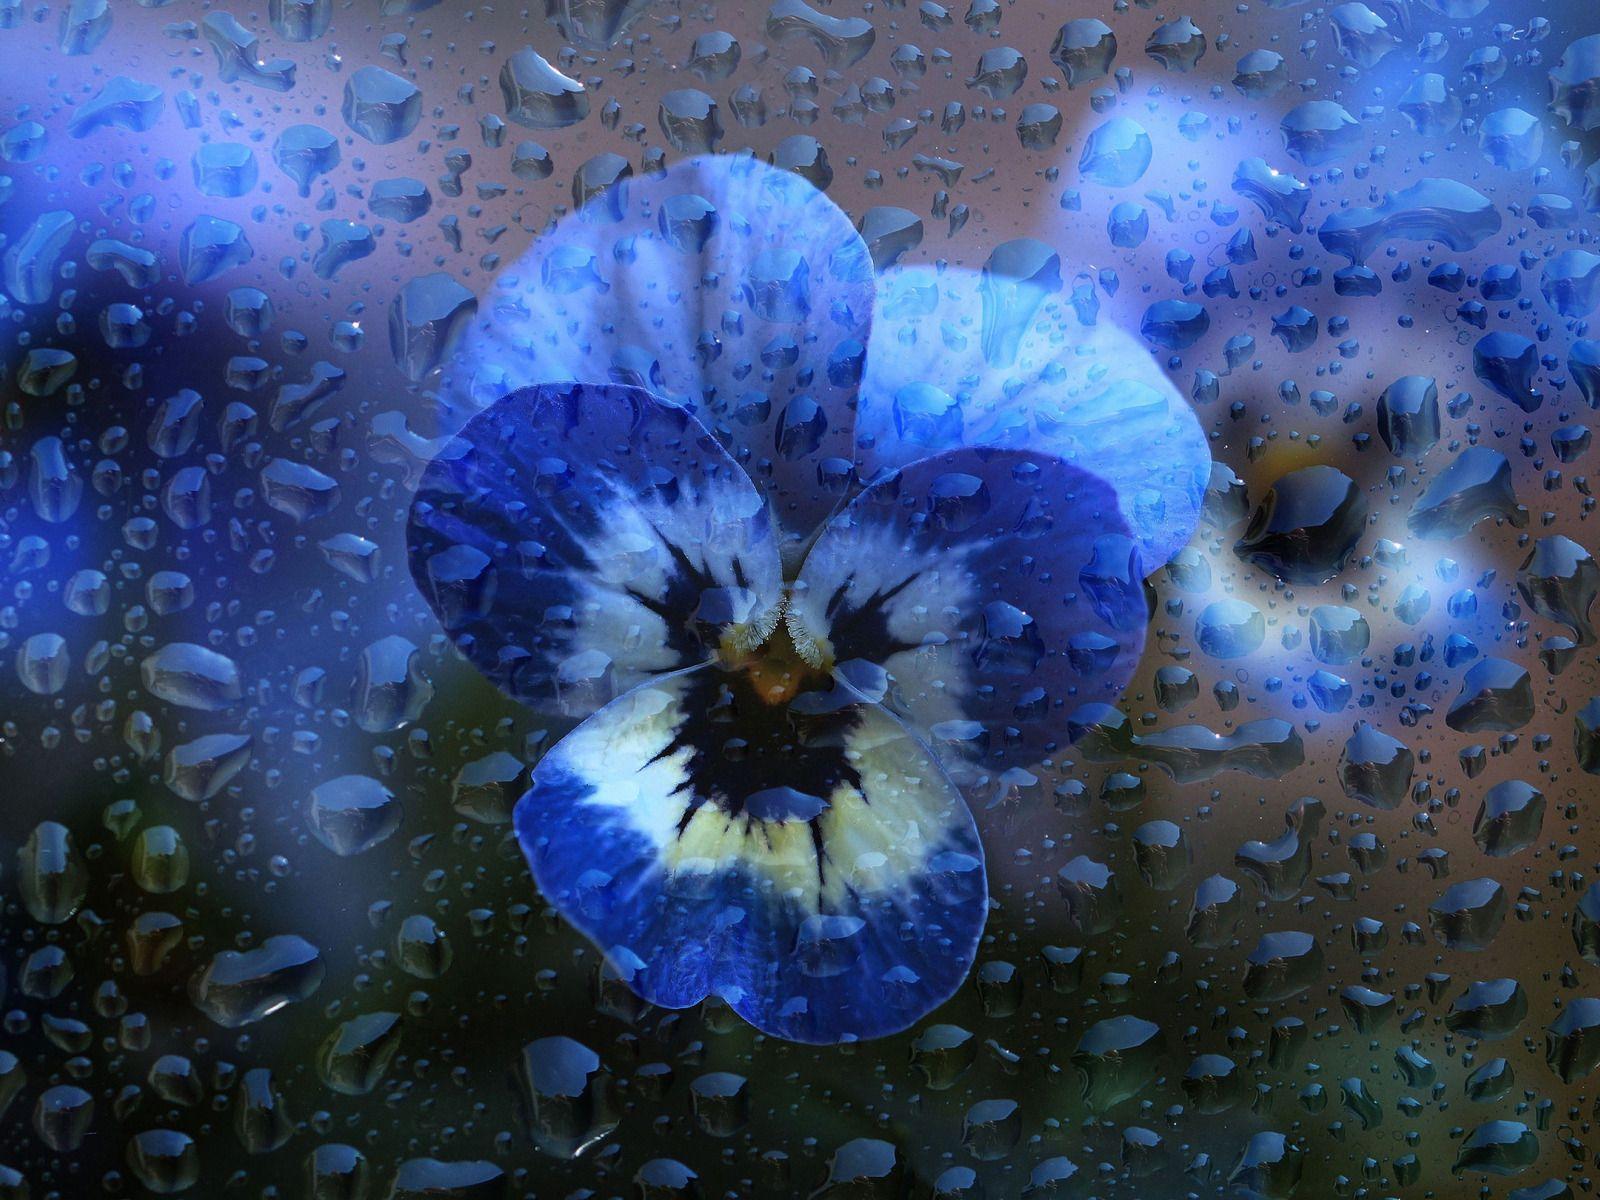 Water Drops Macro Flowers Blue Pansy Violet Pansies Blue Flowers Flowers